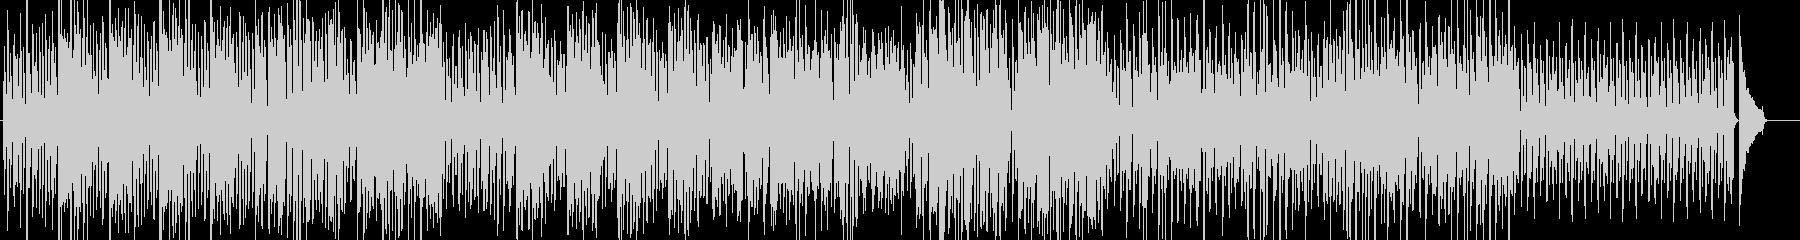 Jazzスウィング=軽快・カフェ・明るいの未再生の波形